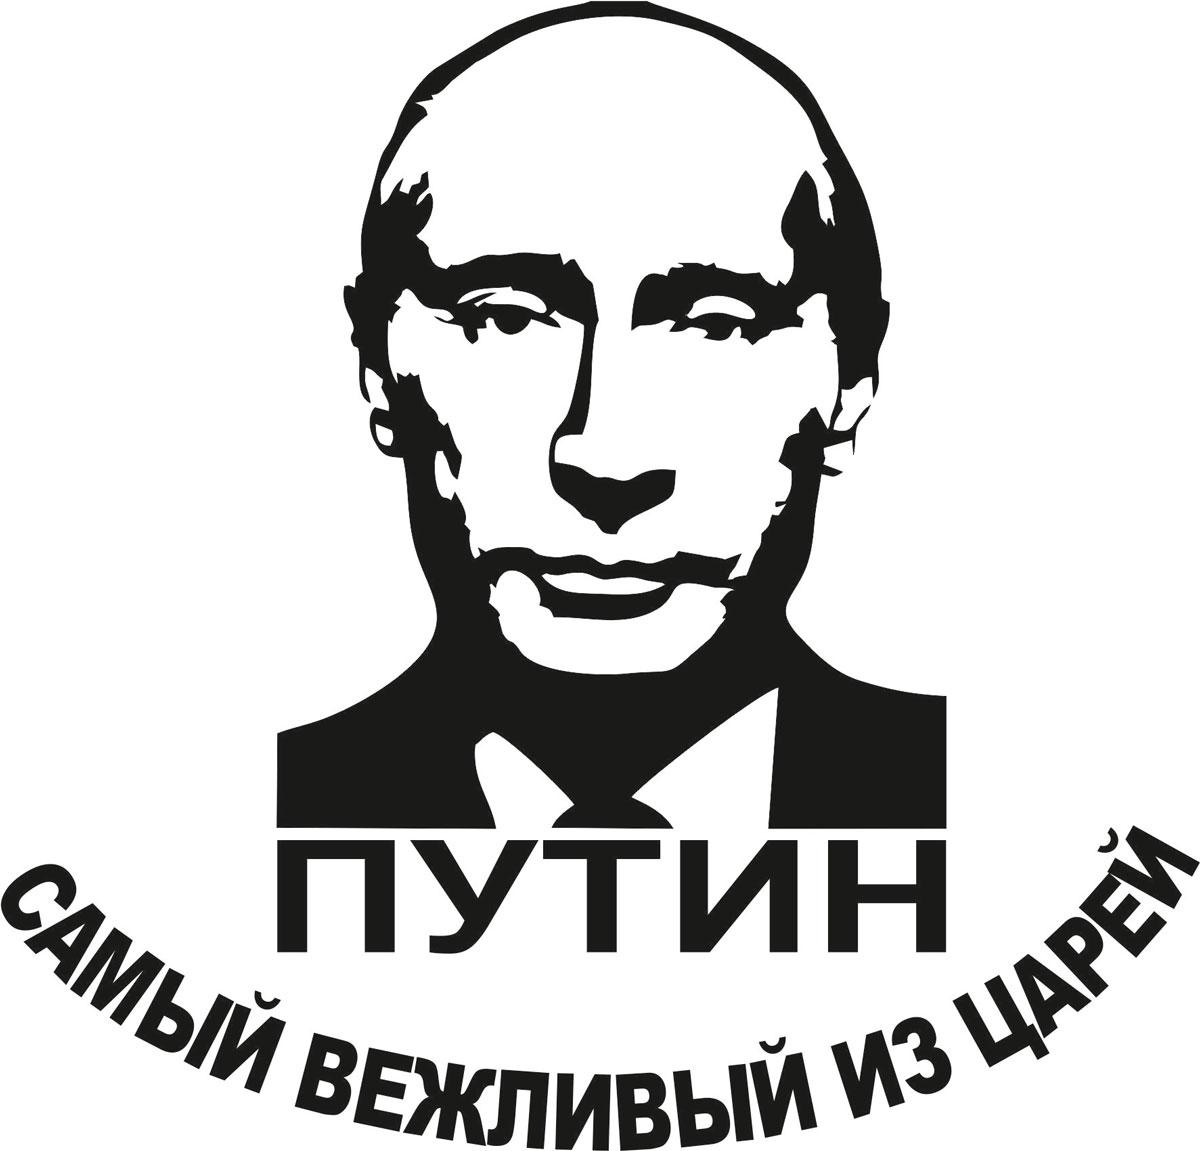 Наклейка автомобильная Оранжевый слоник Путин, виниловая, цвет: черный150PT0004BОригинальная наклейка Оранжевый слоник Путин изготовлена из долговечного винила, который выполняет не только декоративную функцию, но и защищает кузов от небольших механических повреждений, либо скрывает уже существующие. Виниловые наклейки на авто - это не только красиво, но еще и быстро! Всего за несколько минут вы можете полностью преобразить свой автомобиль, сделать его ярким, необычным, особенным и неповторимым!